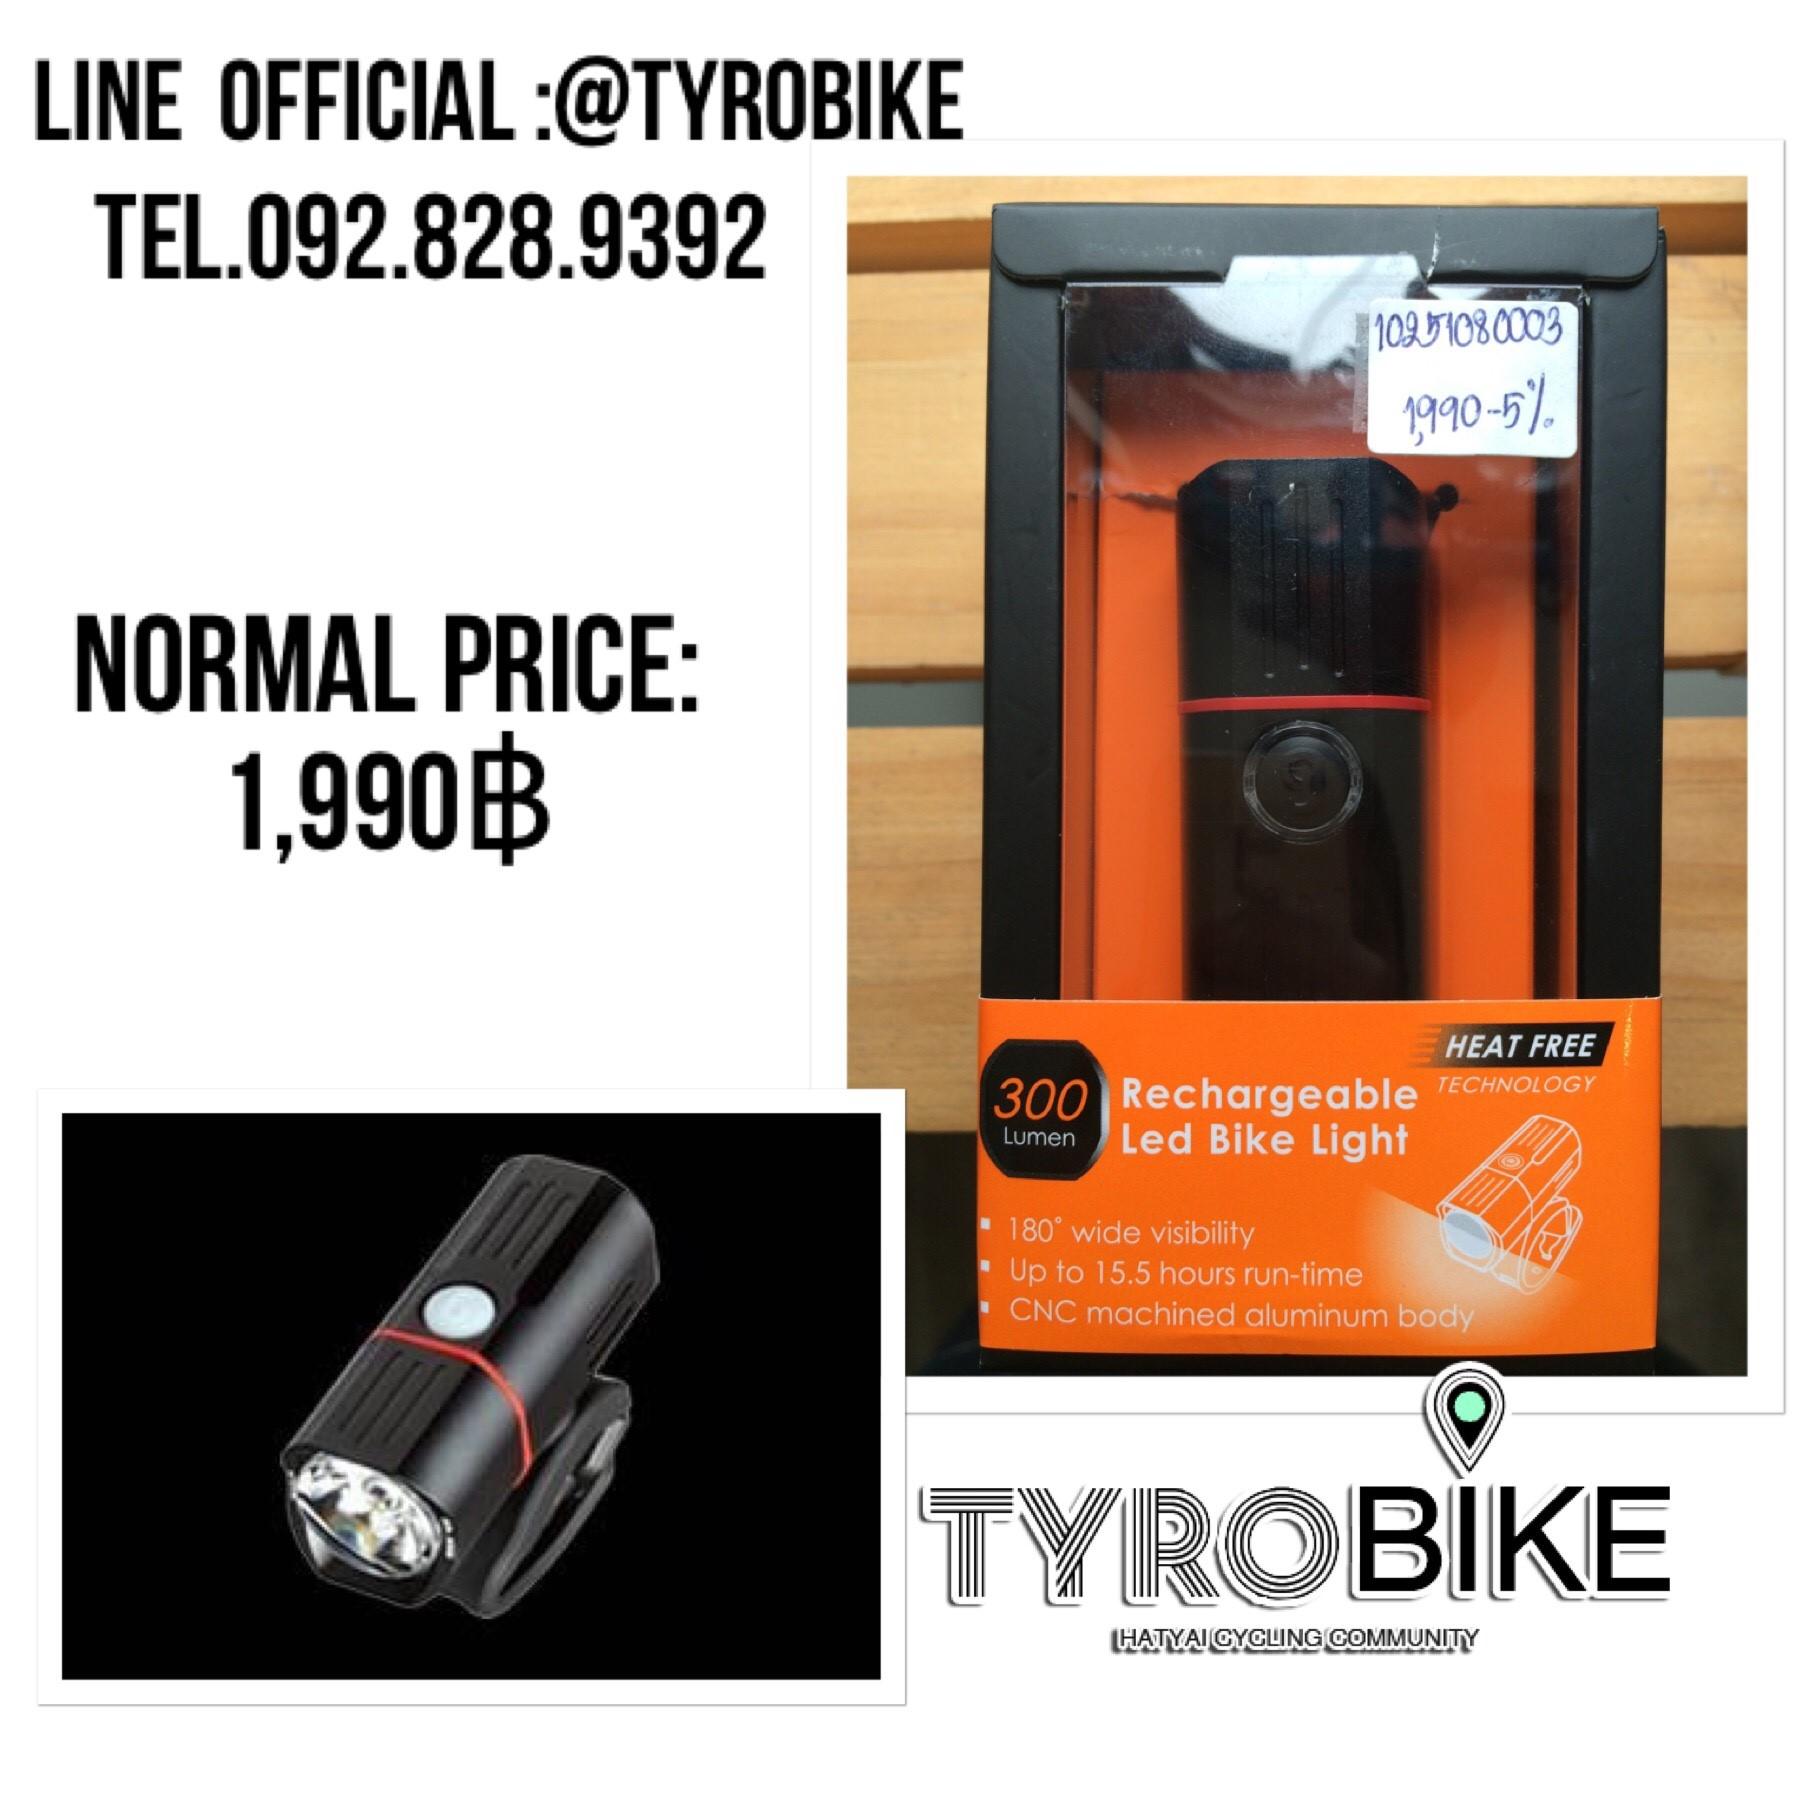 Rechargeable Led Bike Light 300LUMEN